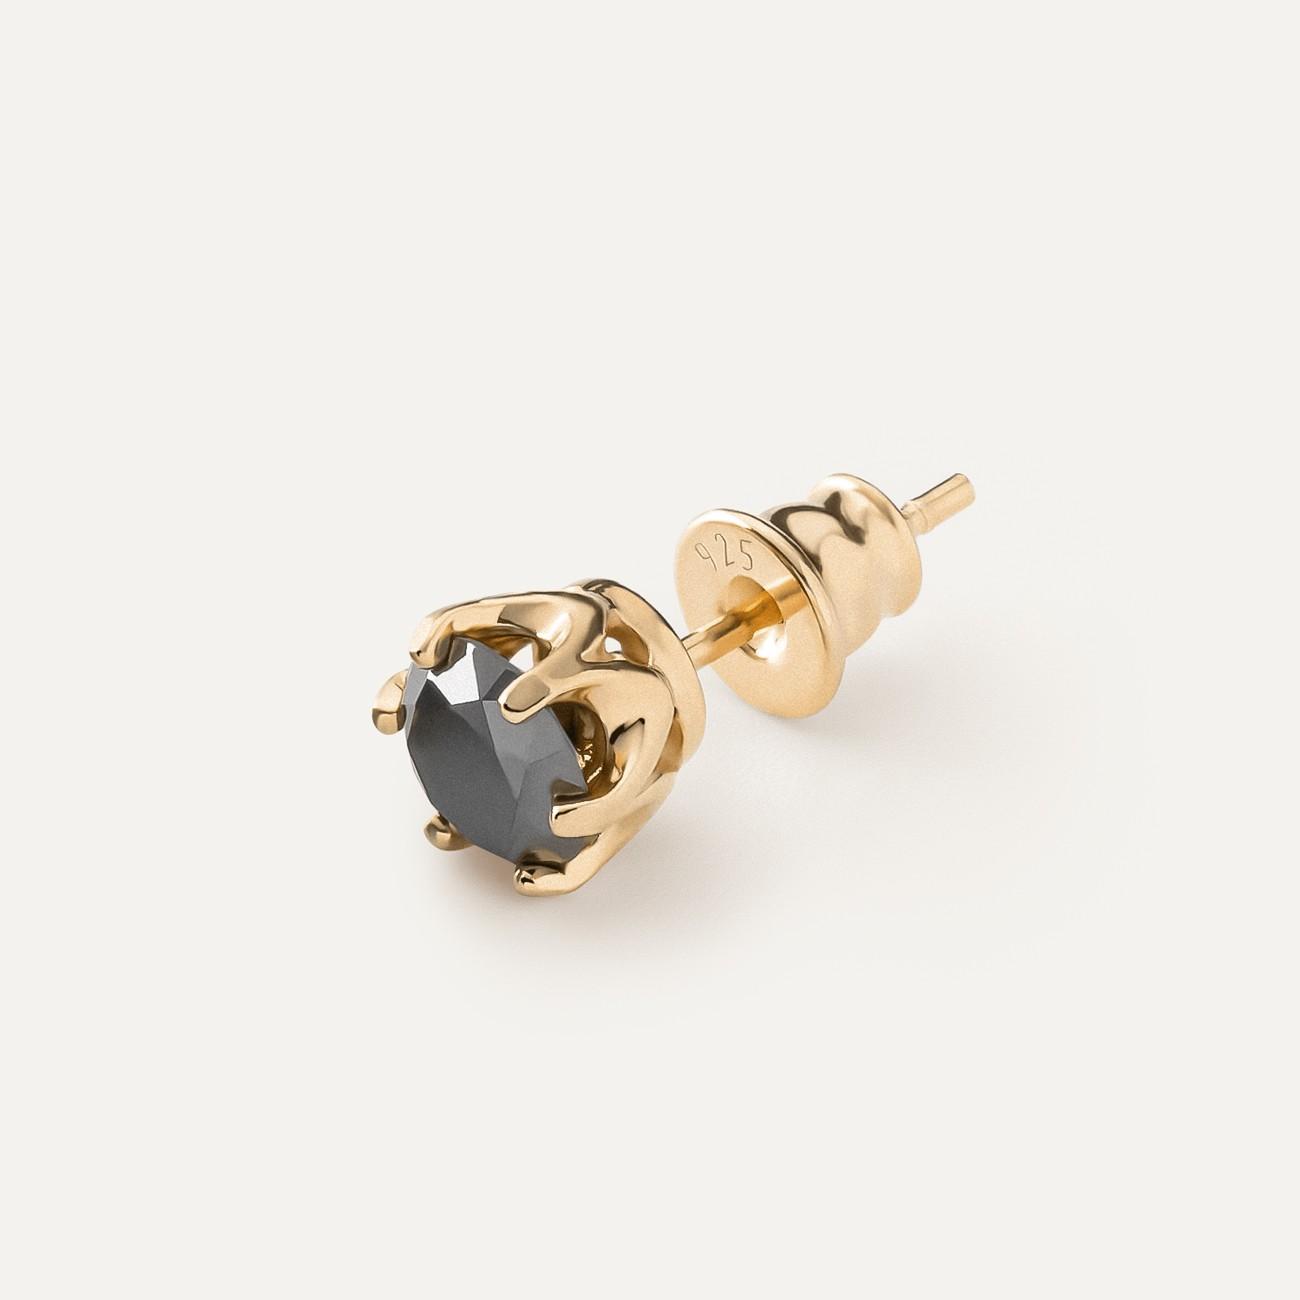 MEN'S EARRING 3MM BLACK DIAMOND 925